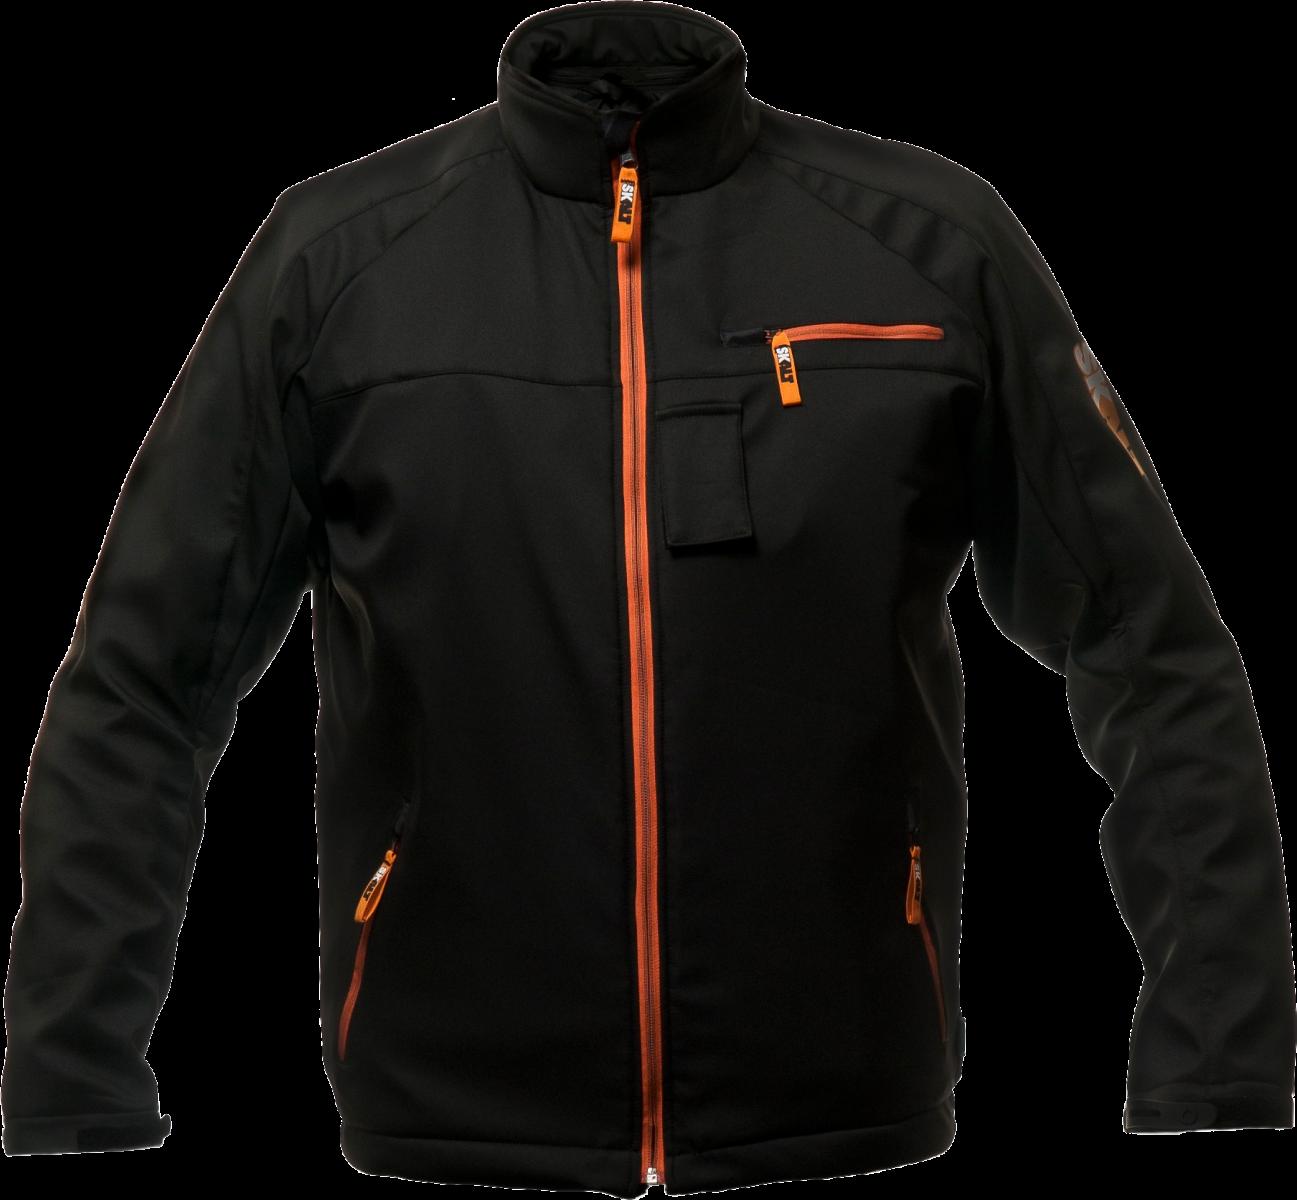 Free PNG Jacket - 49616